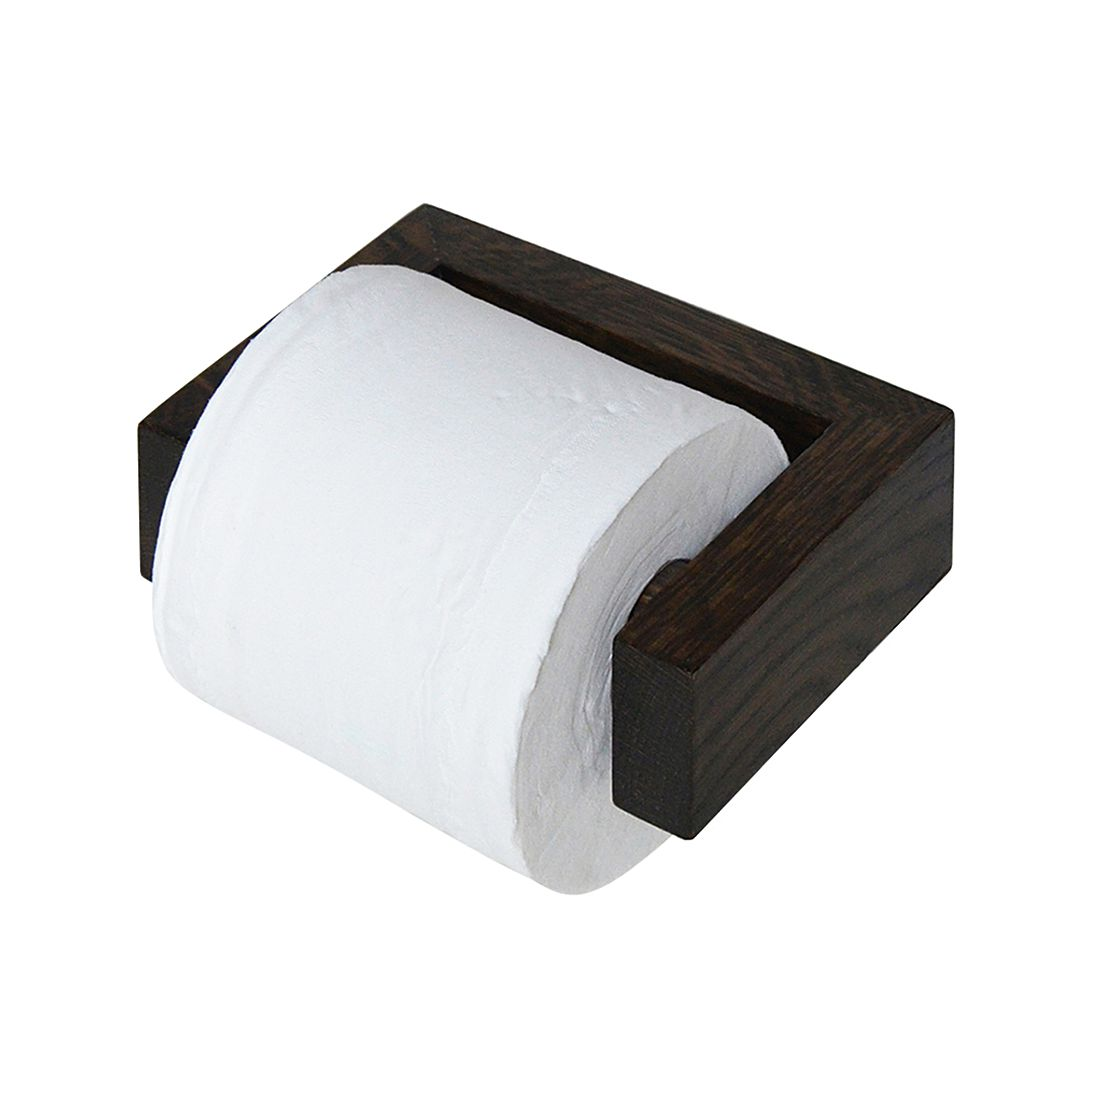 Toilettenpapierhalter Slimline  – Eiche Dunkel, Wireworks jetzt bestellen